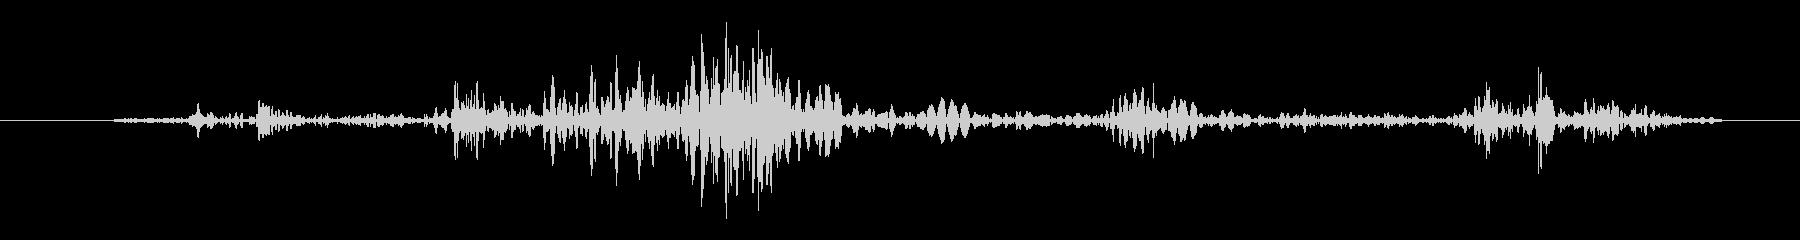 ガチャ(鍵でロック解除)の未再生の波形